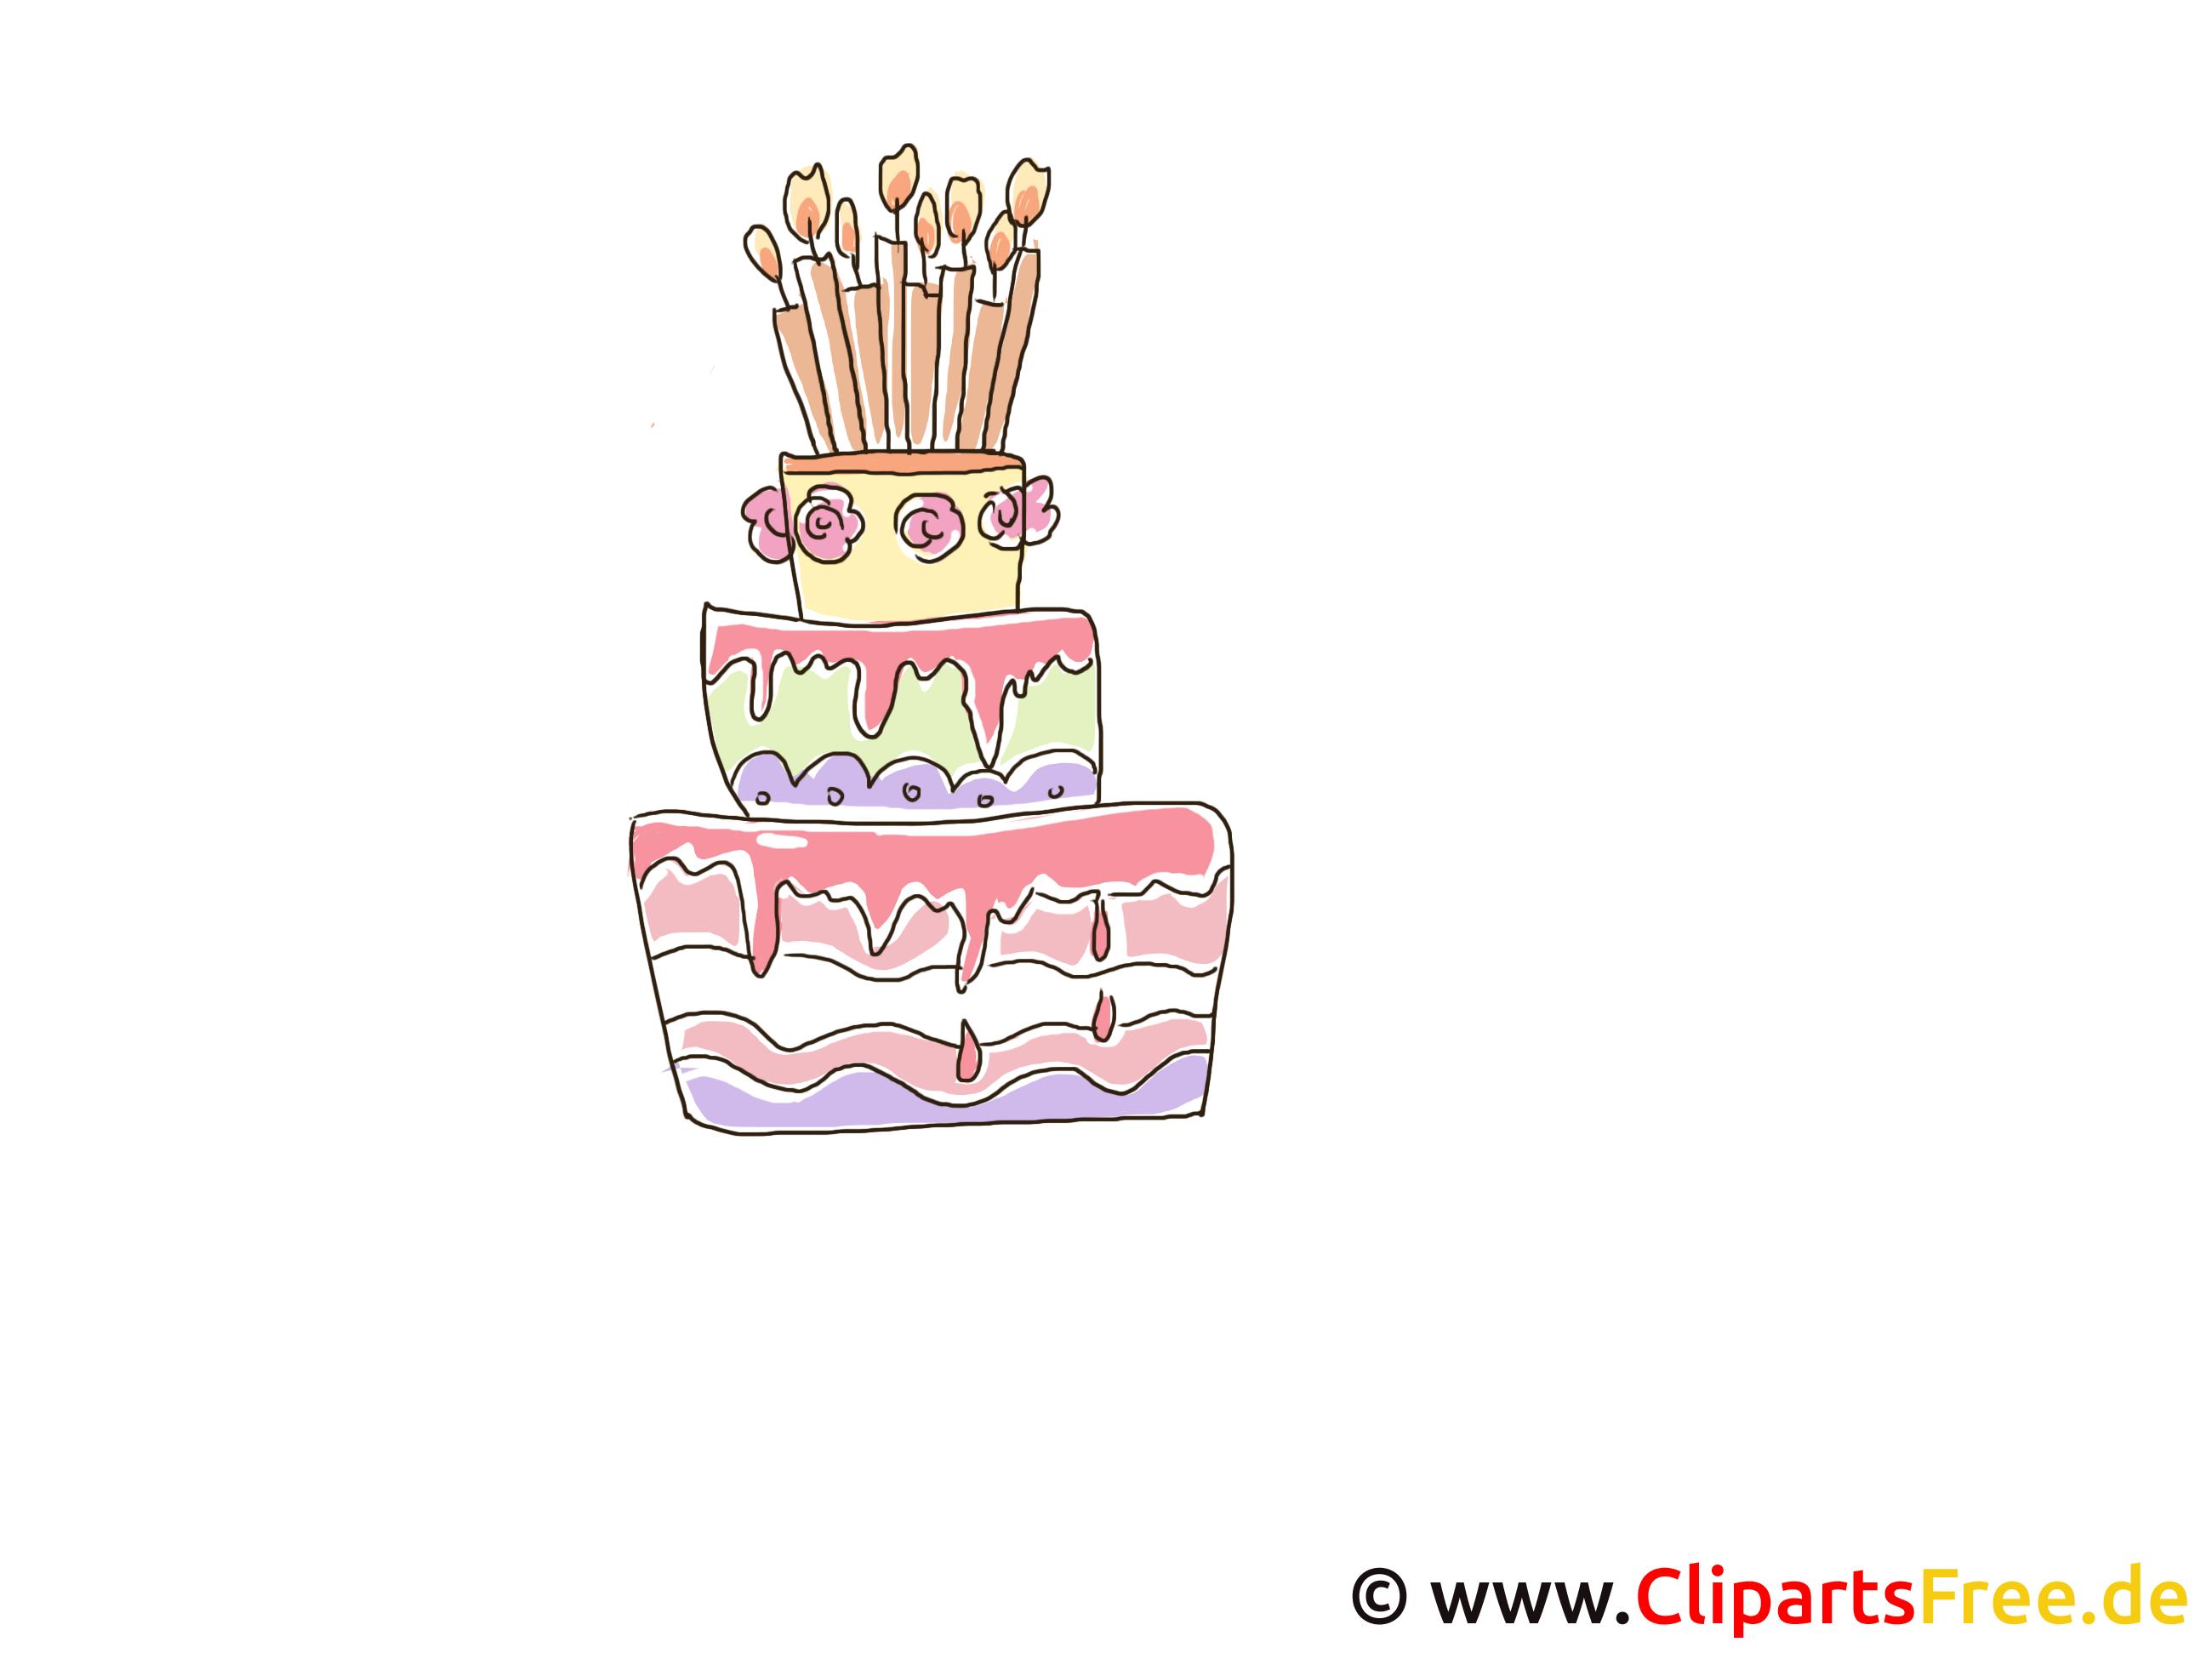 Torte mit Creme zum Geburtstag Clipart